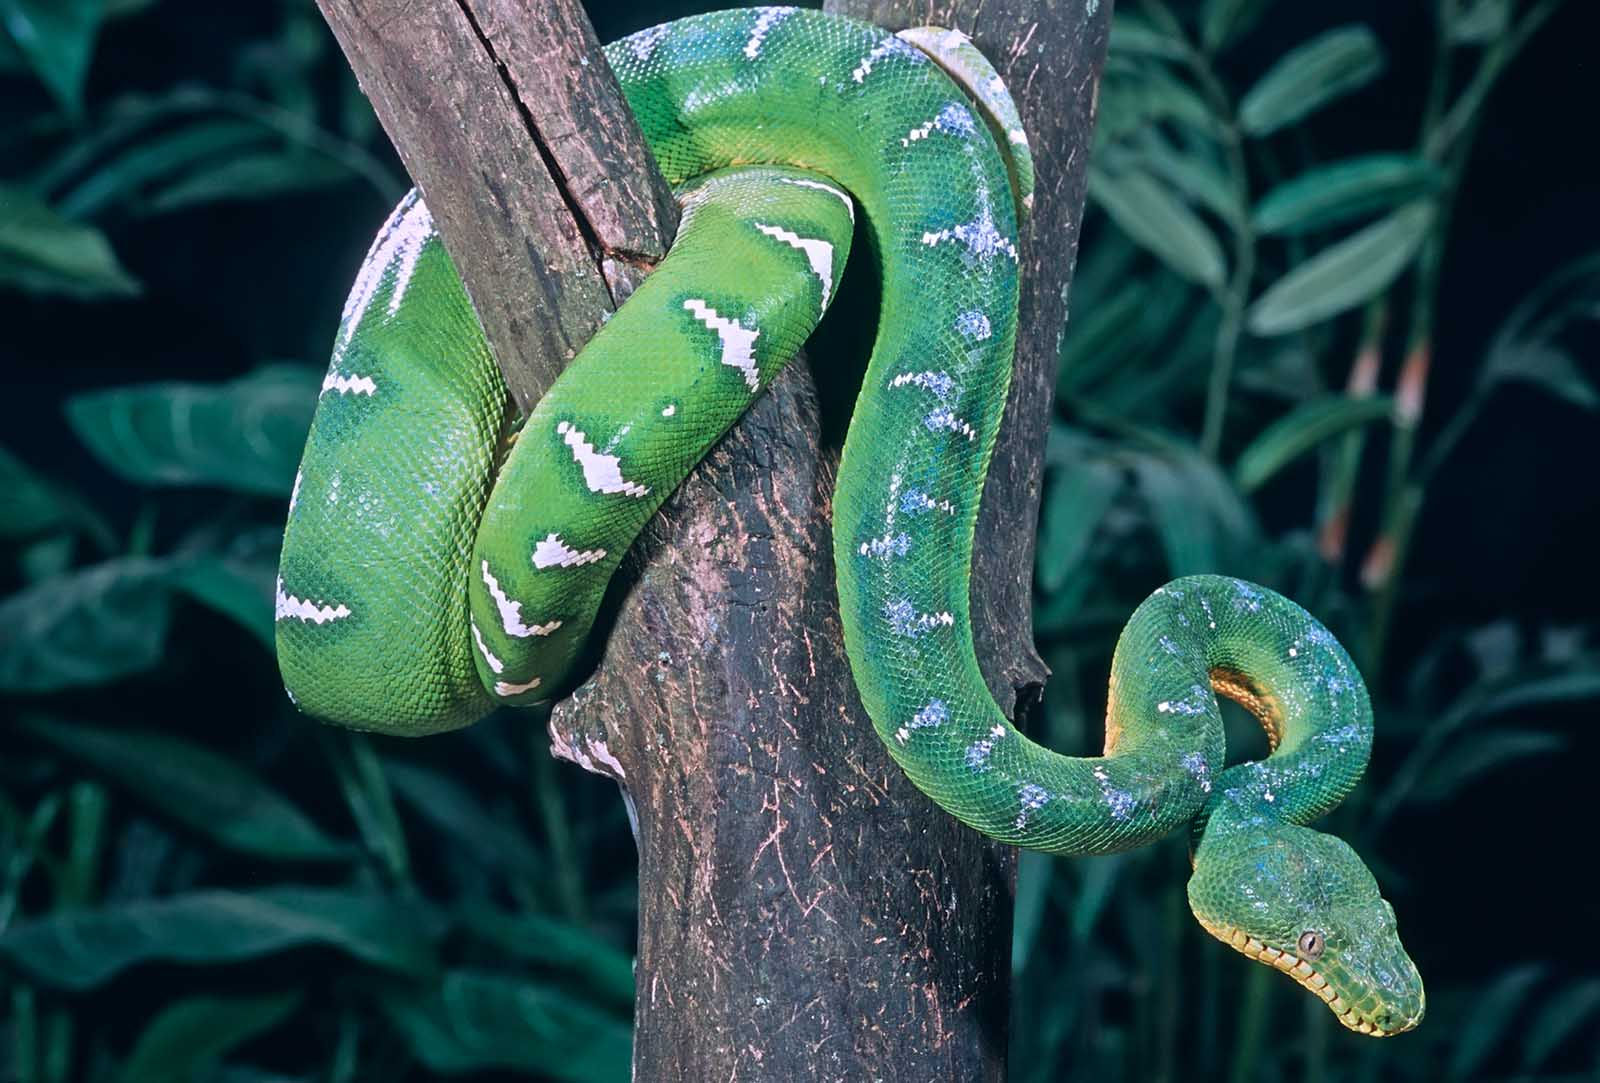 Exoten-Trend: Schlangen und Echsen entkommen aus Terrarien